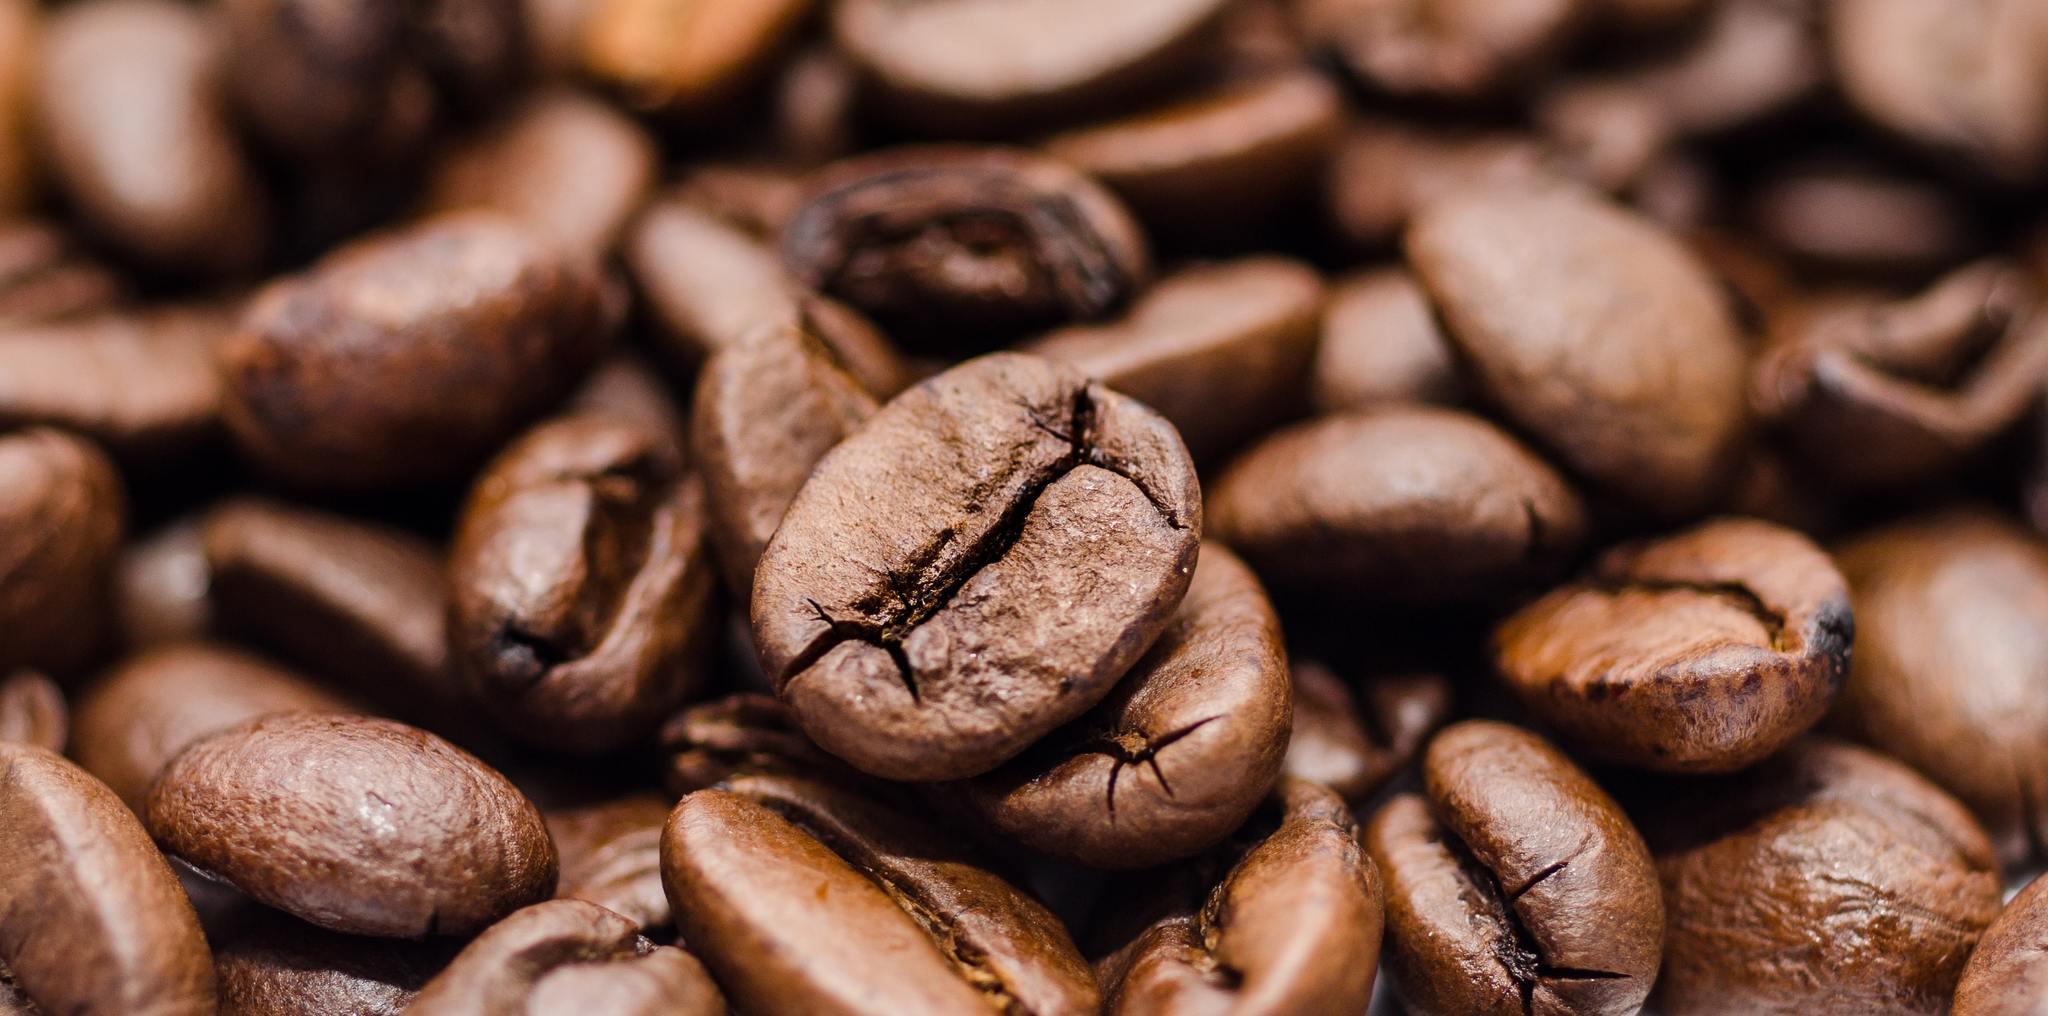 Художественные произведения о кофе